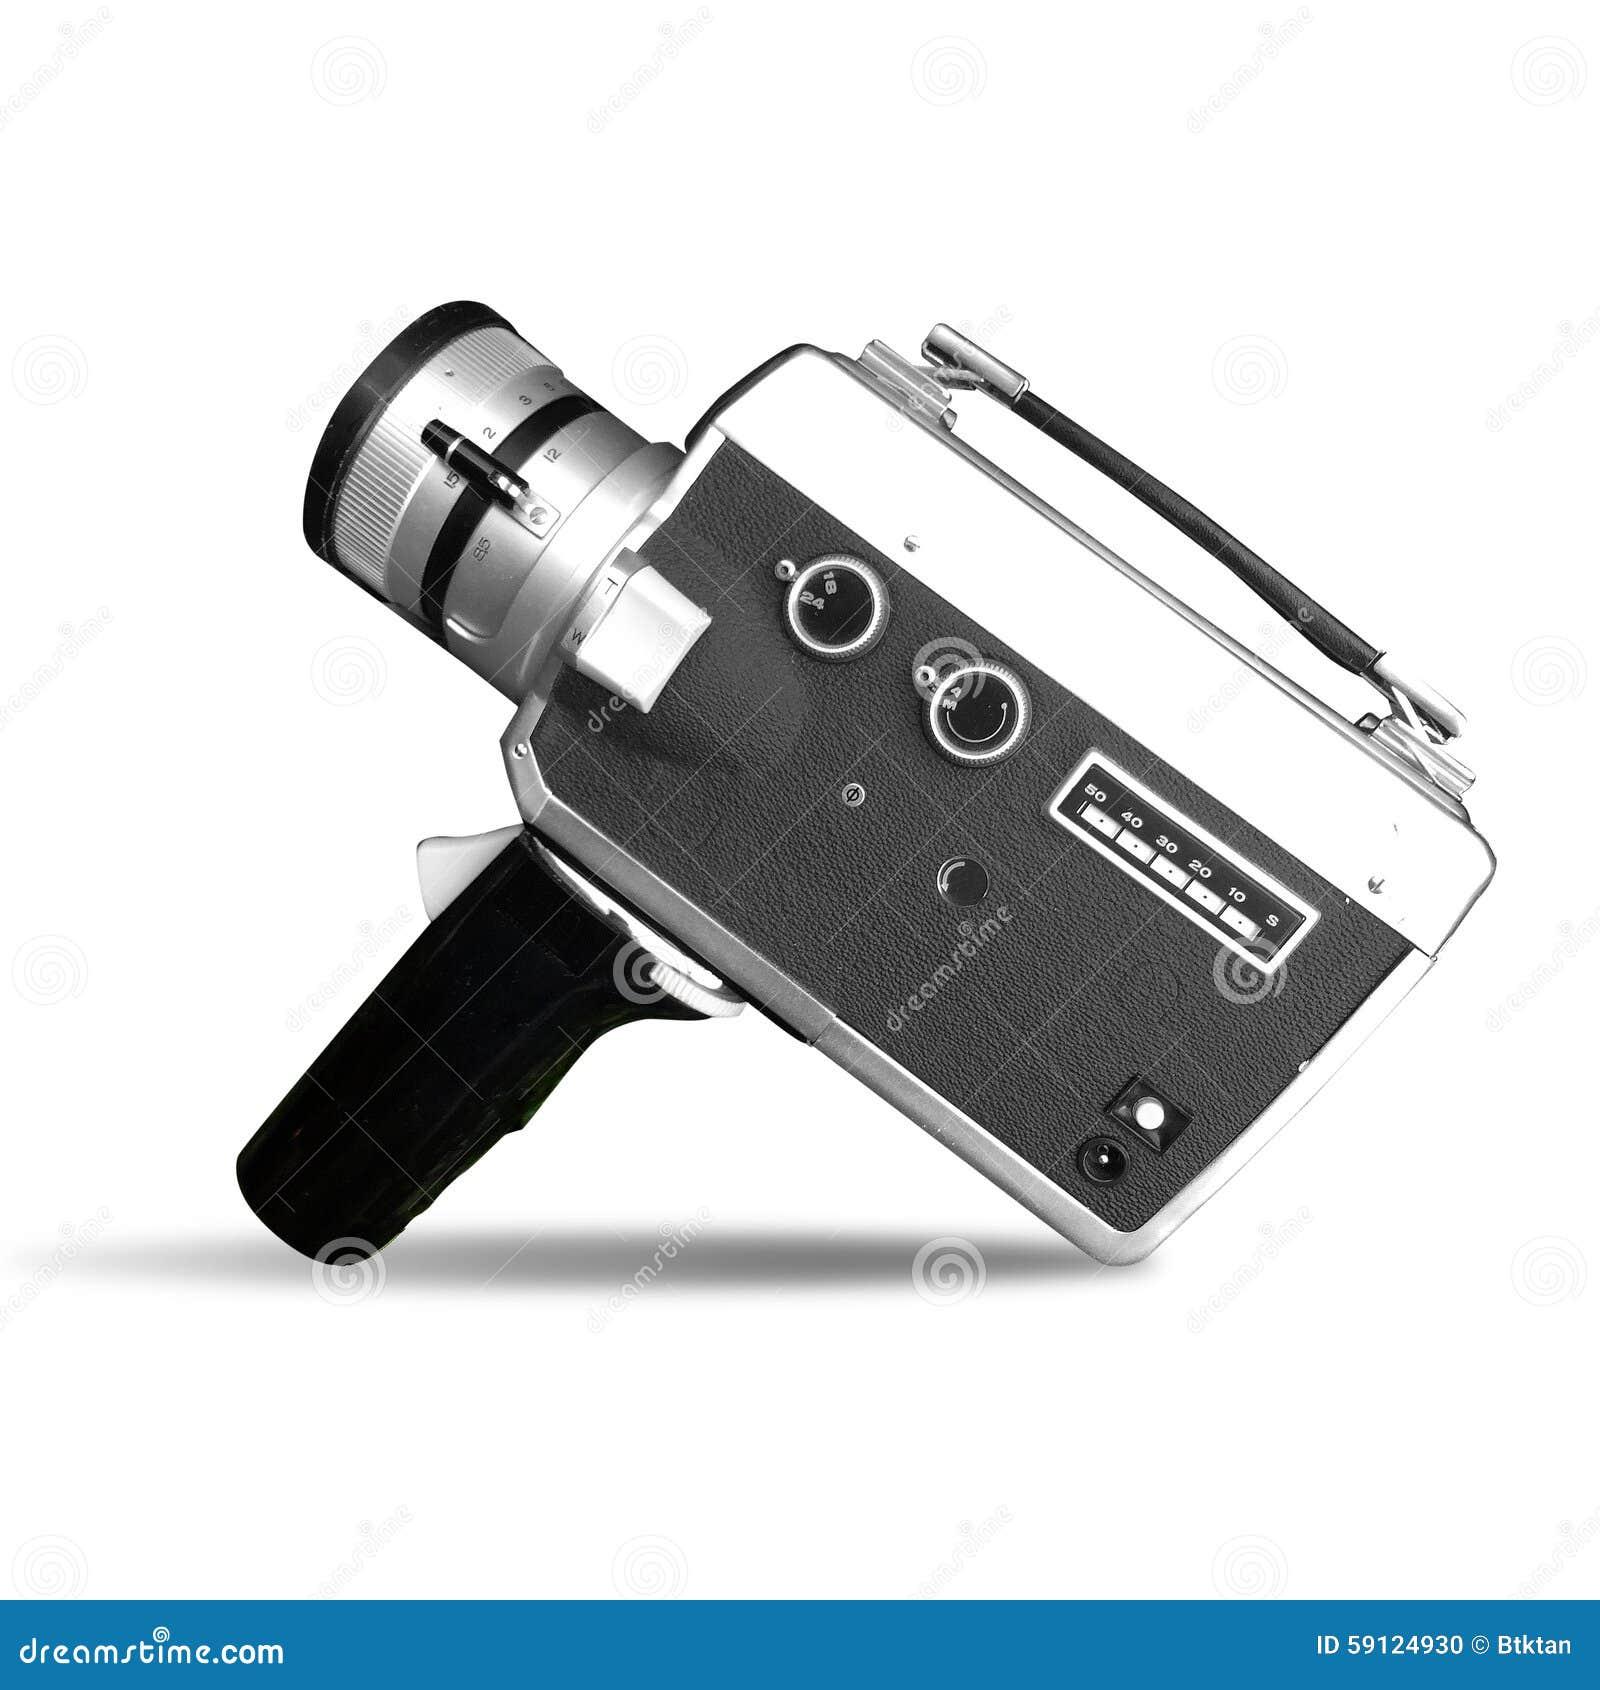 8Mm Vintage Camera vintage 8mm film camera stock photo. image of antique - 59124930